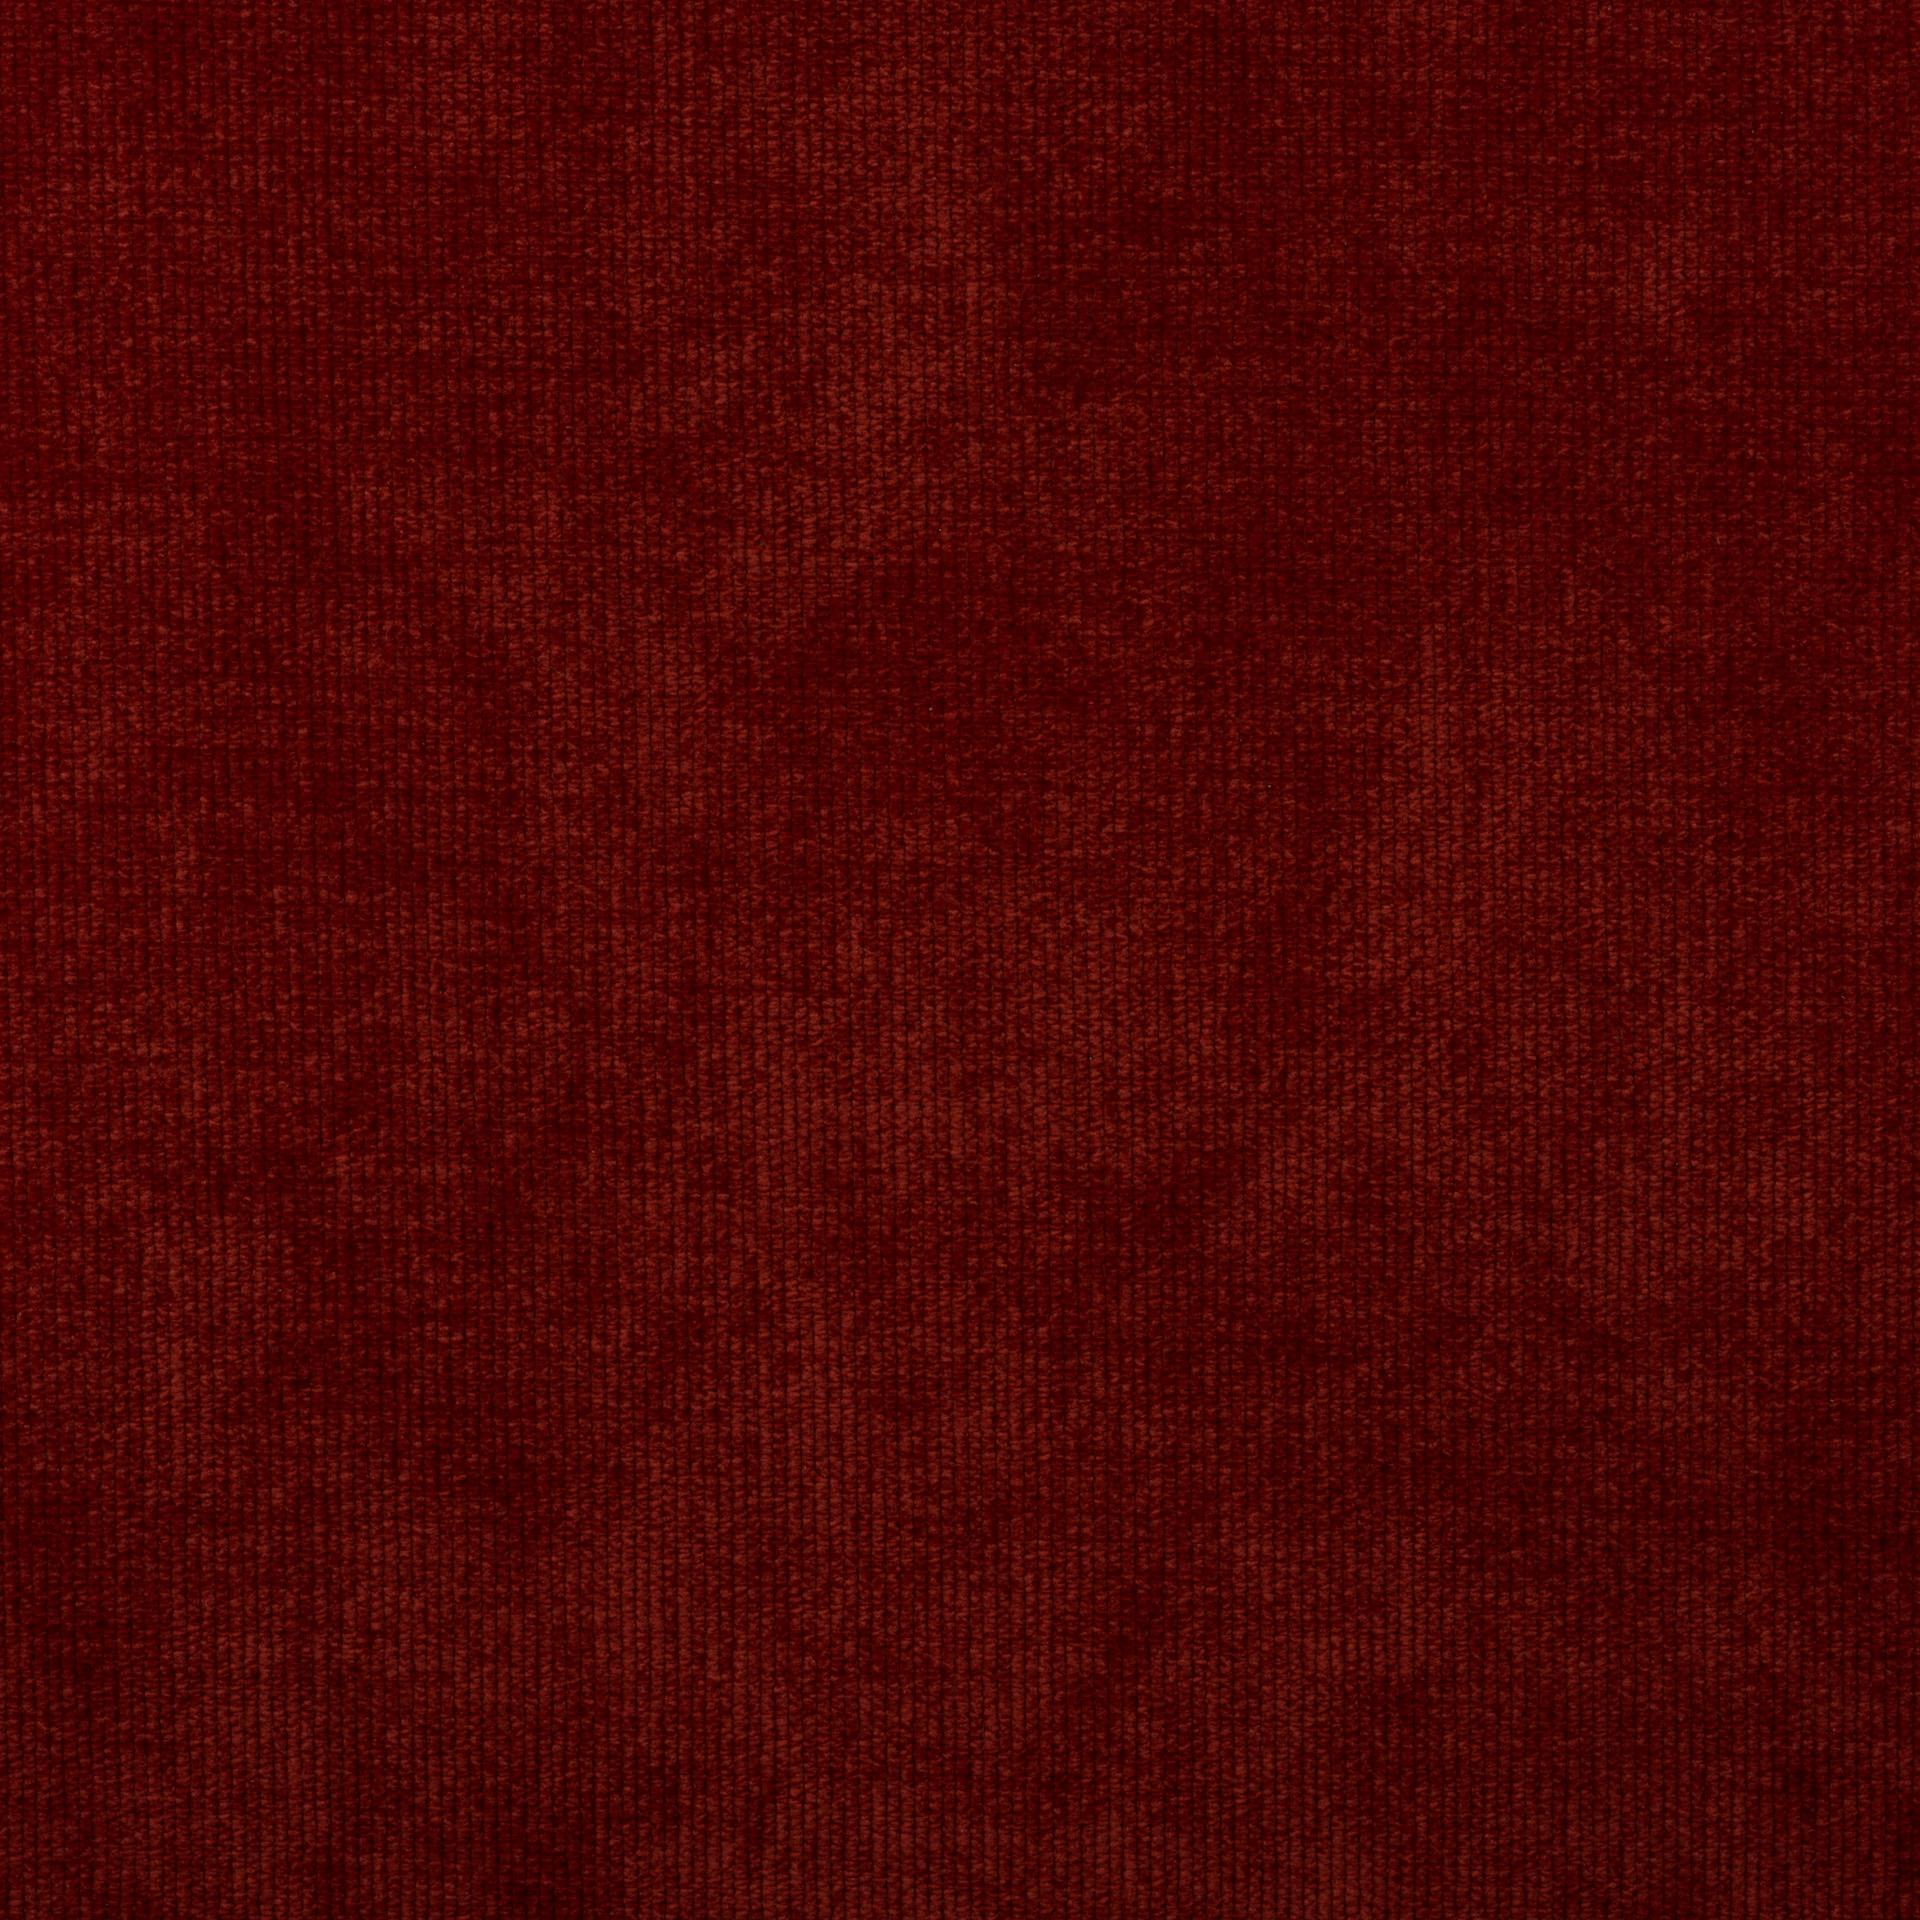 Коллекция ткани Кордрой 221,  купить ткань Велюр для мебели Украина